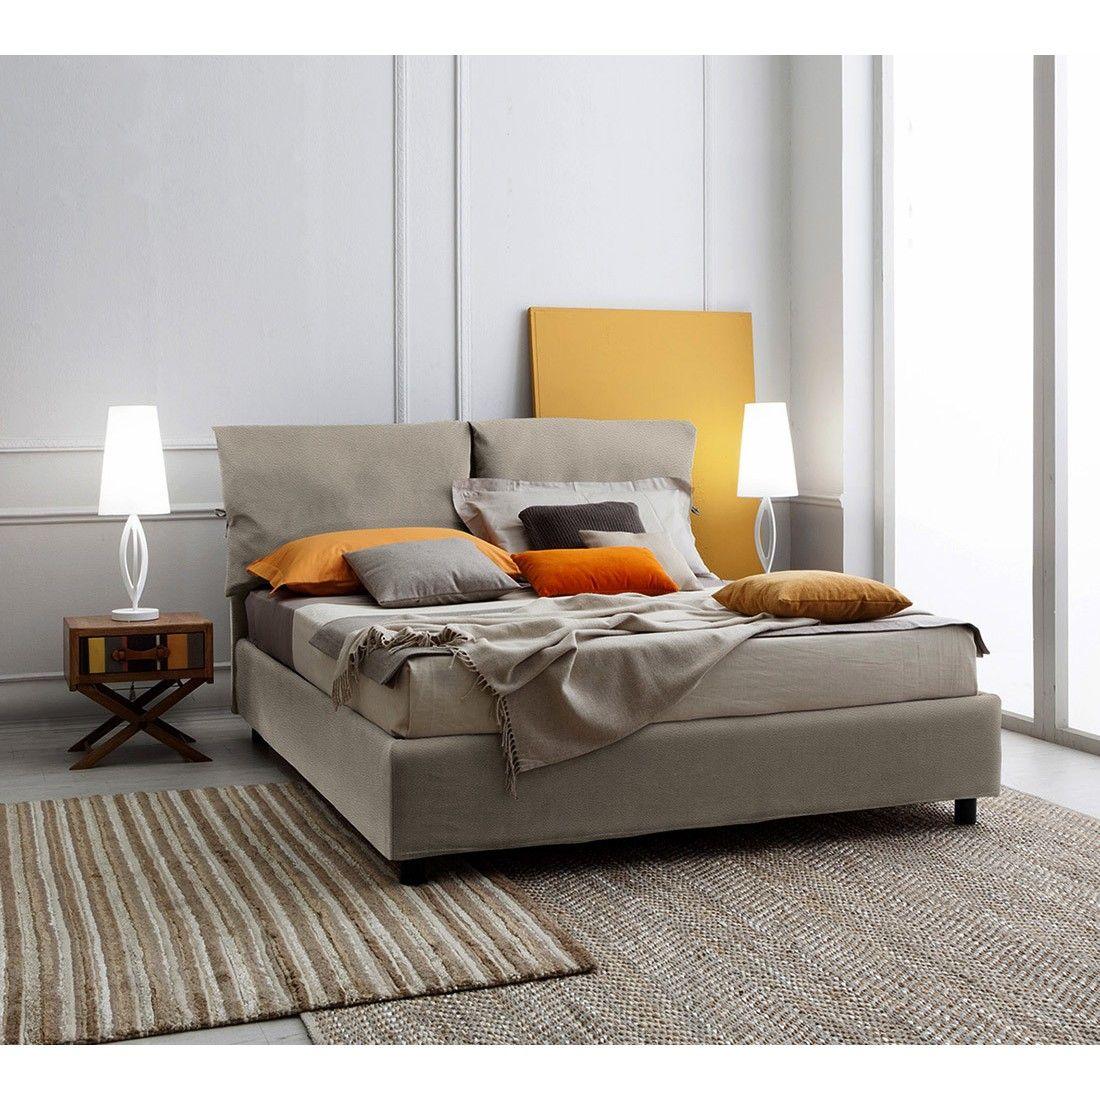 Letto Contenitore Vendita On Line.Design Twist Noemi Re 195 To Furniture Home Decor Design